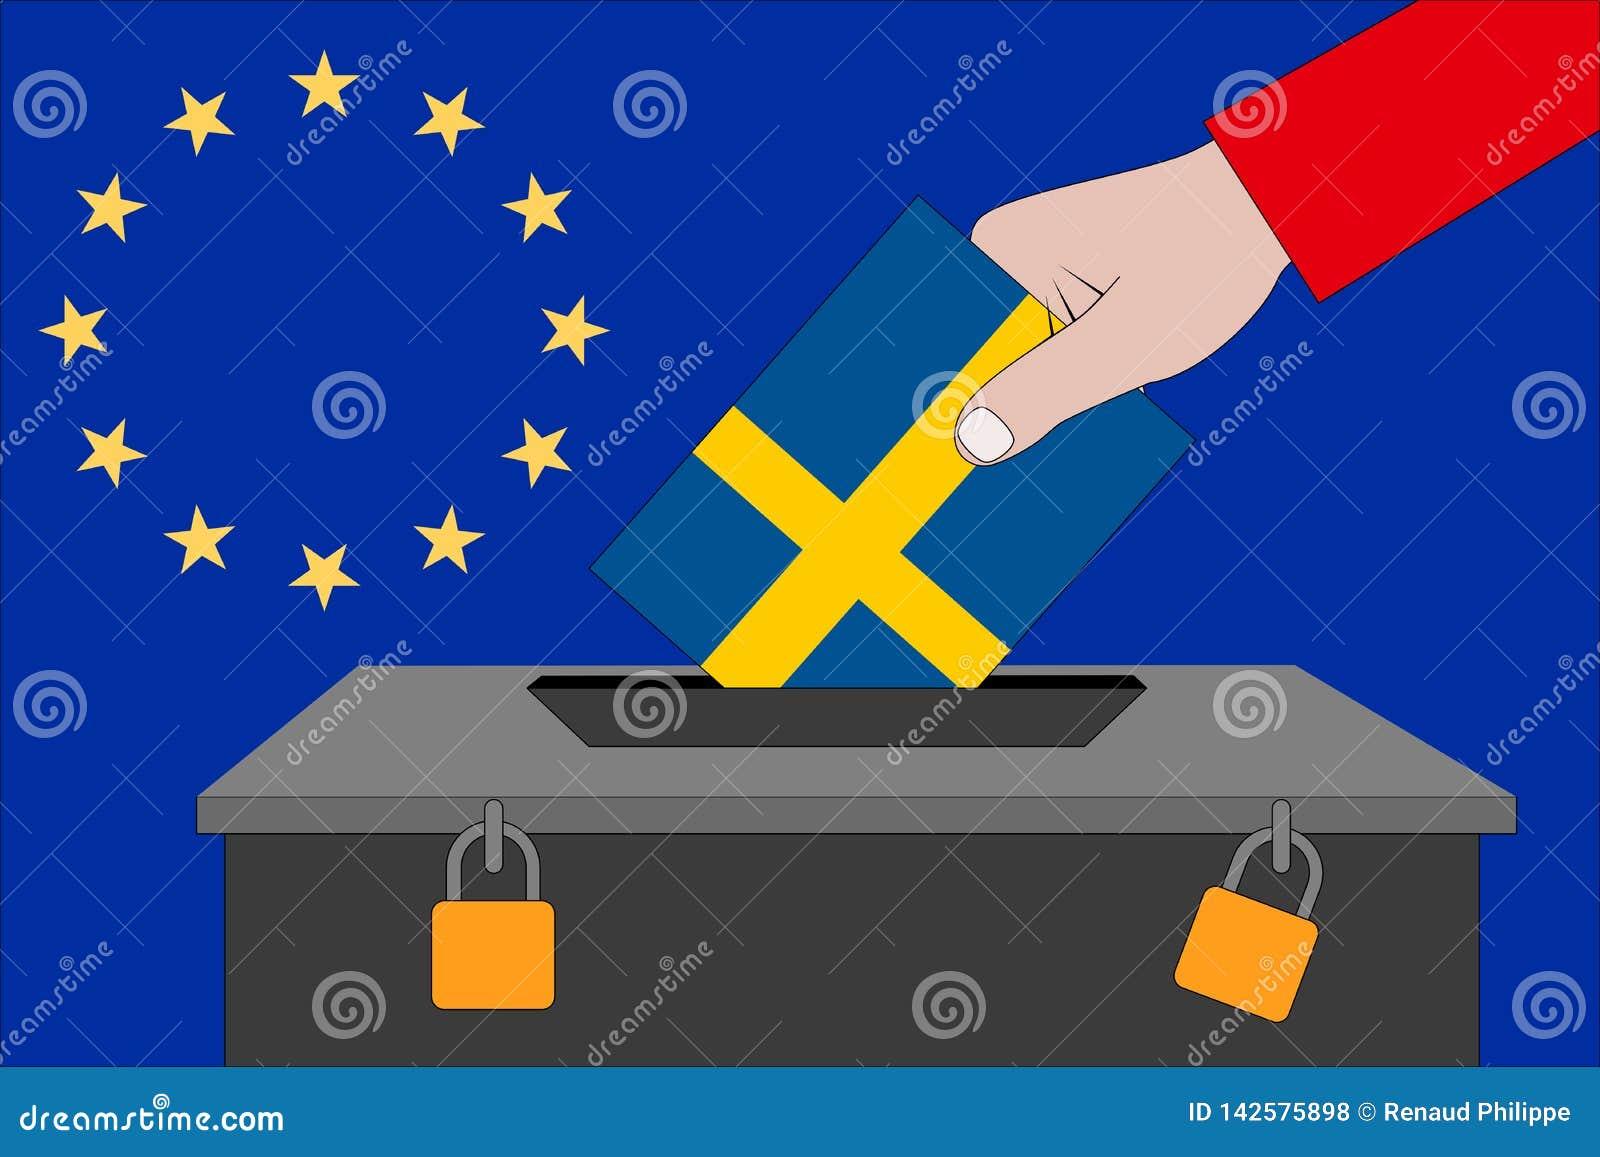 Sverige valurna för de europeiska valen